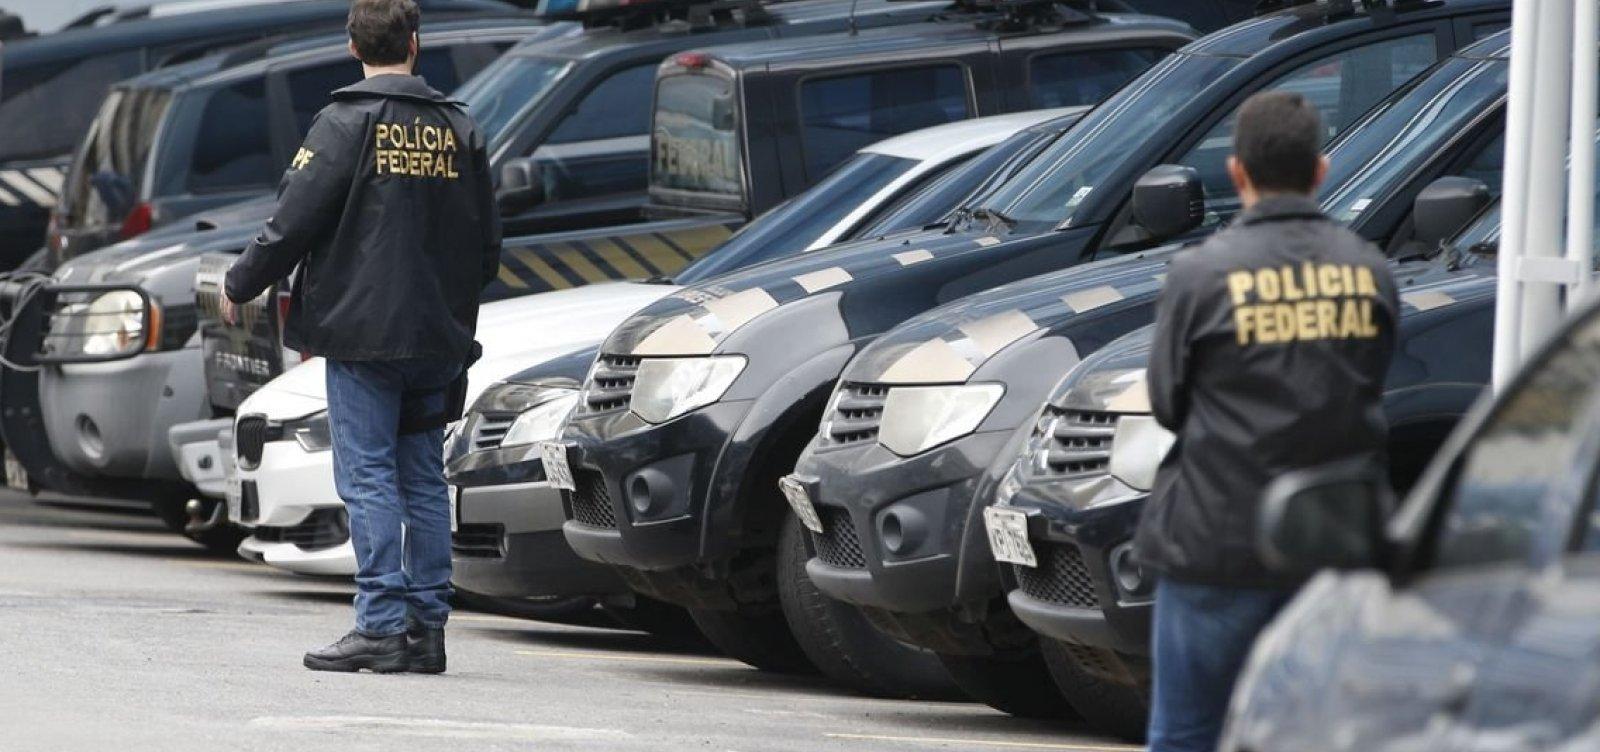 PF deflagra operação de combate ao tráfico de ecstasy